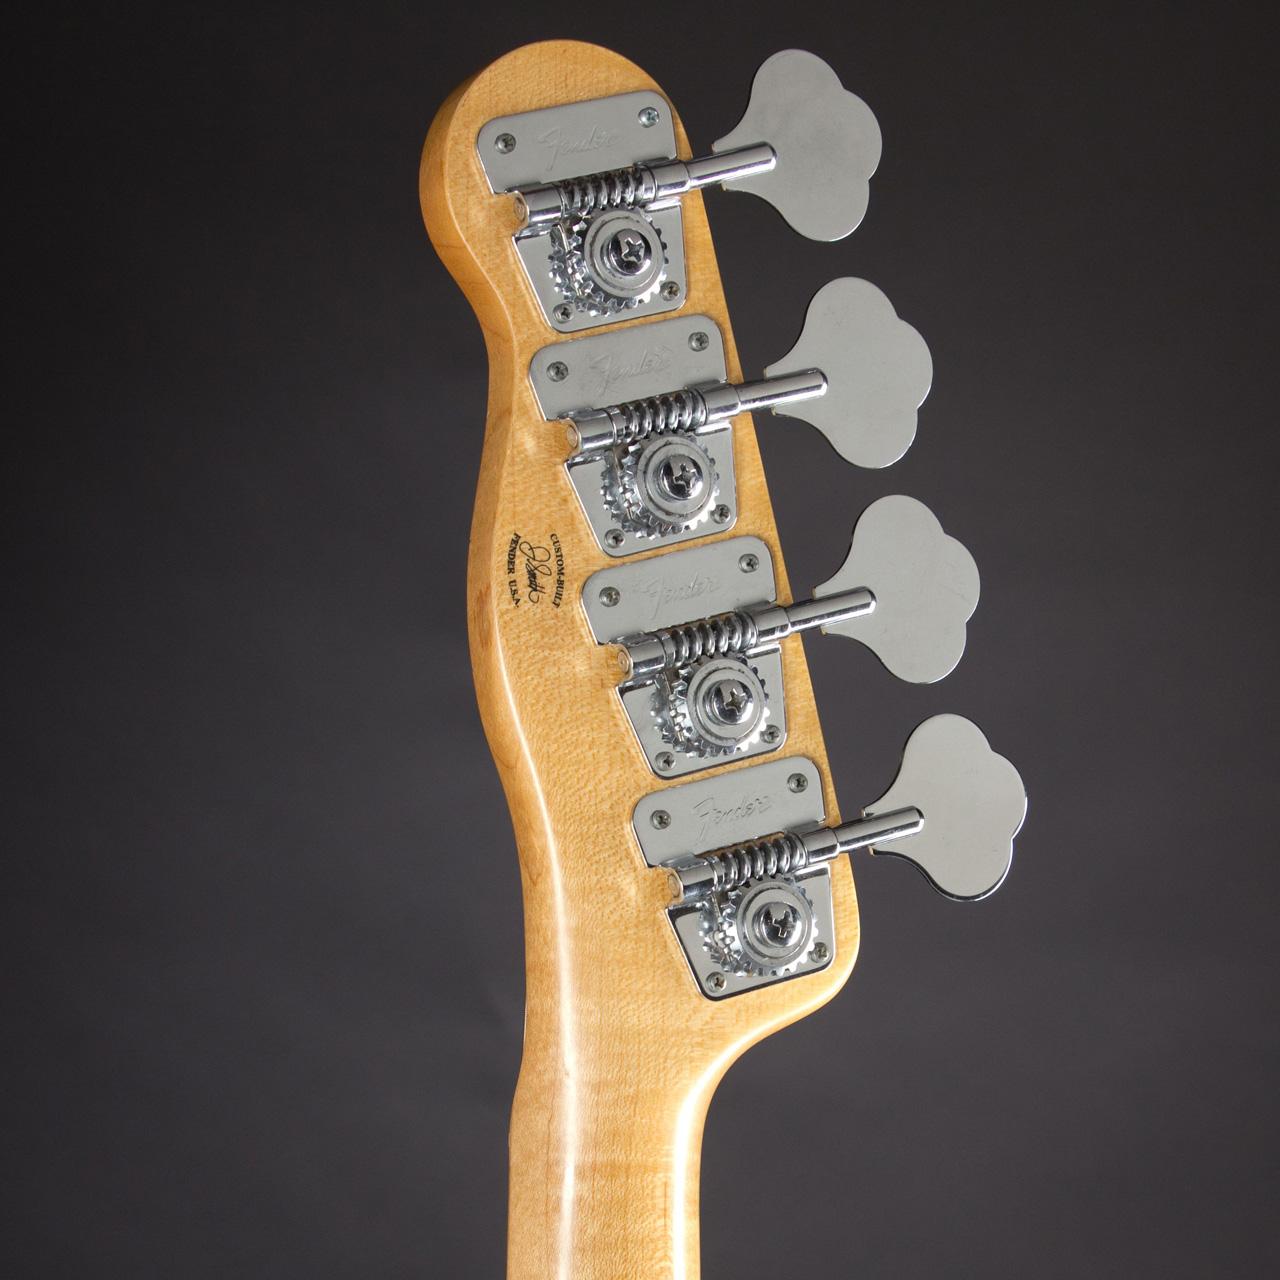 Atemberaubend Fender Precision Bass Schaltplan Zeitgenössisch ...